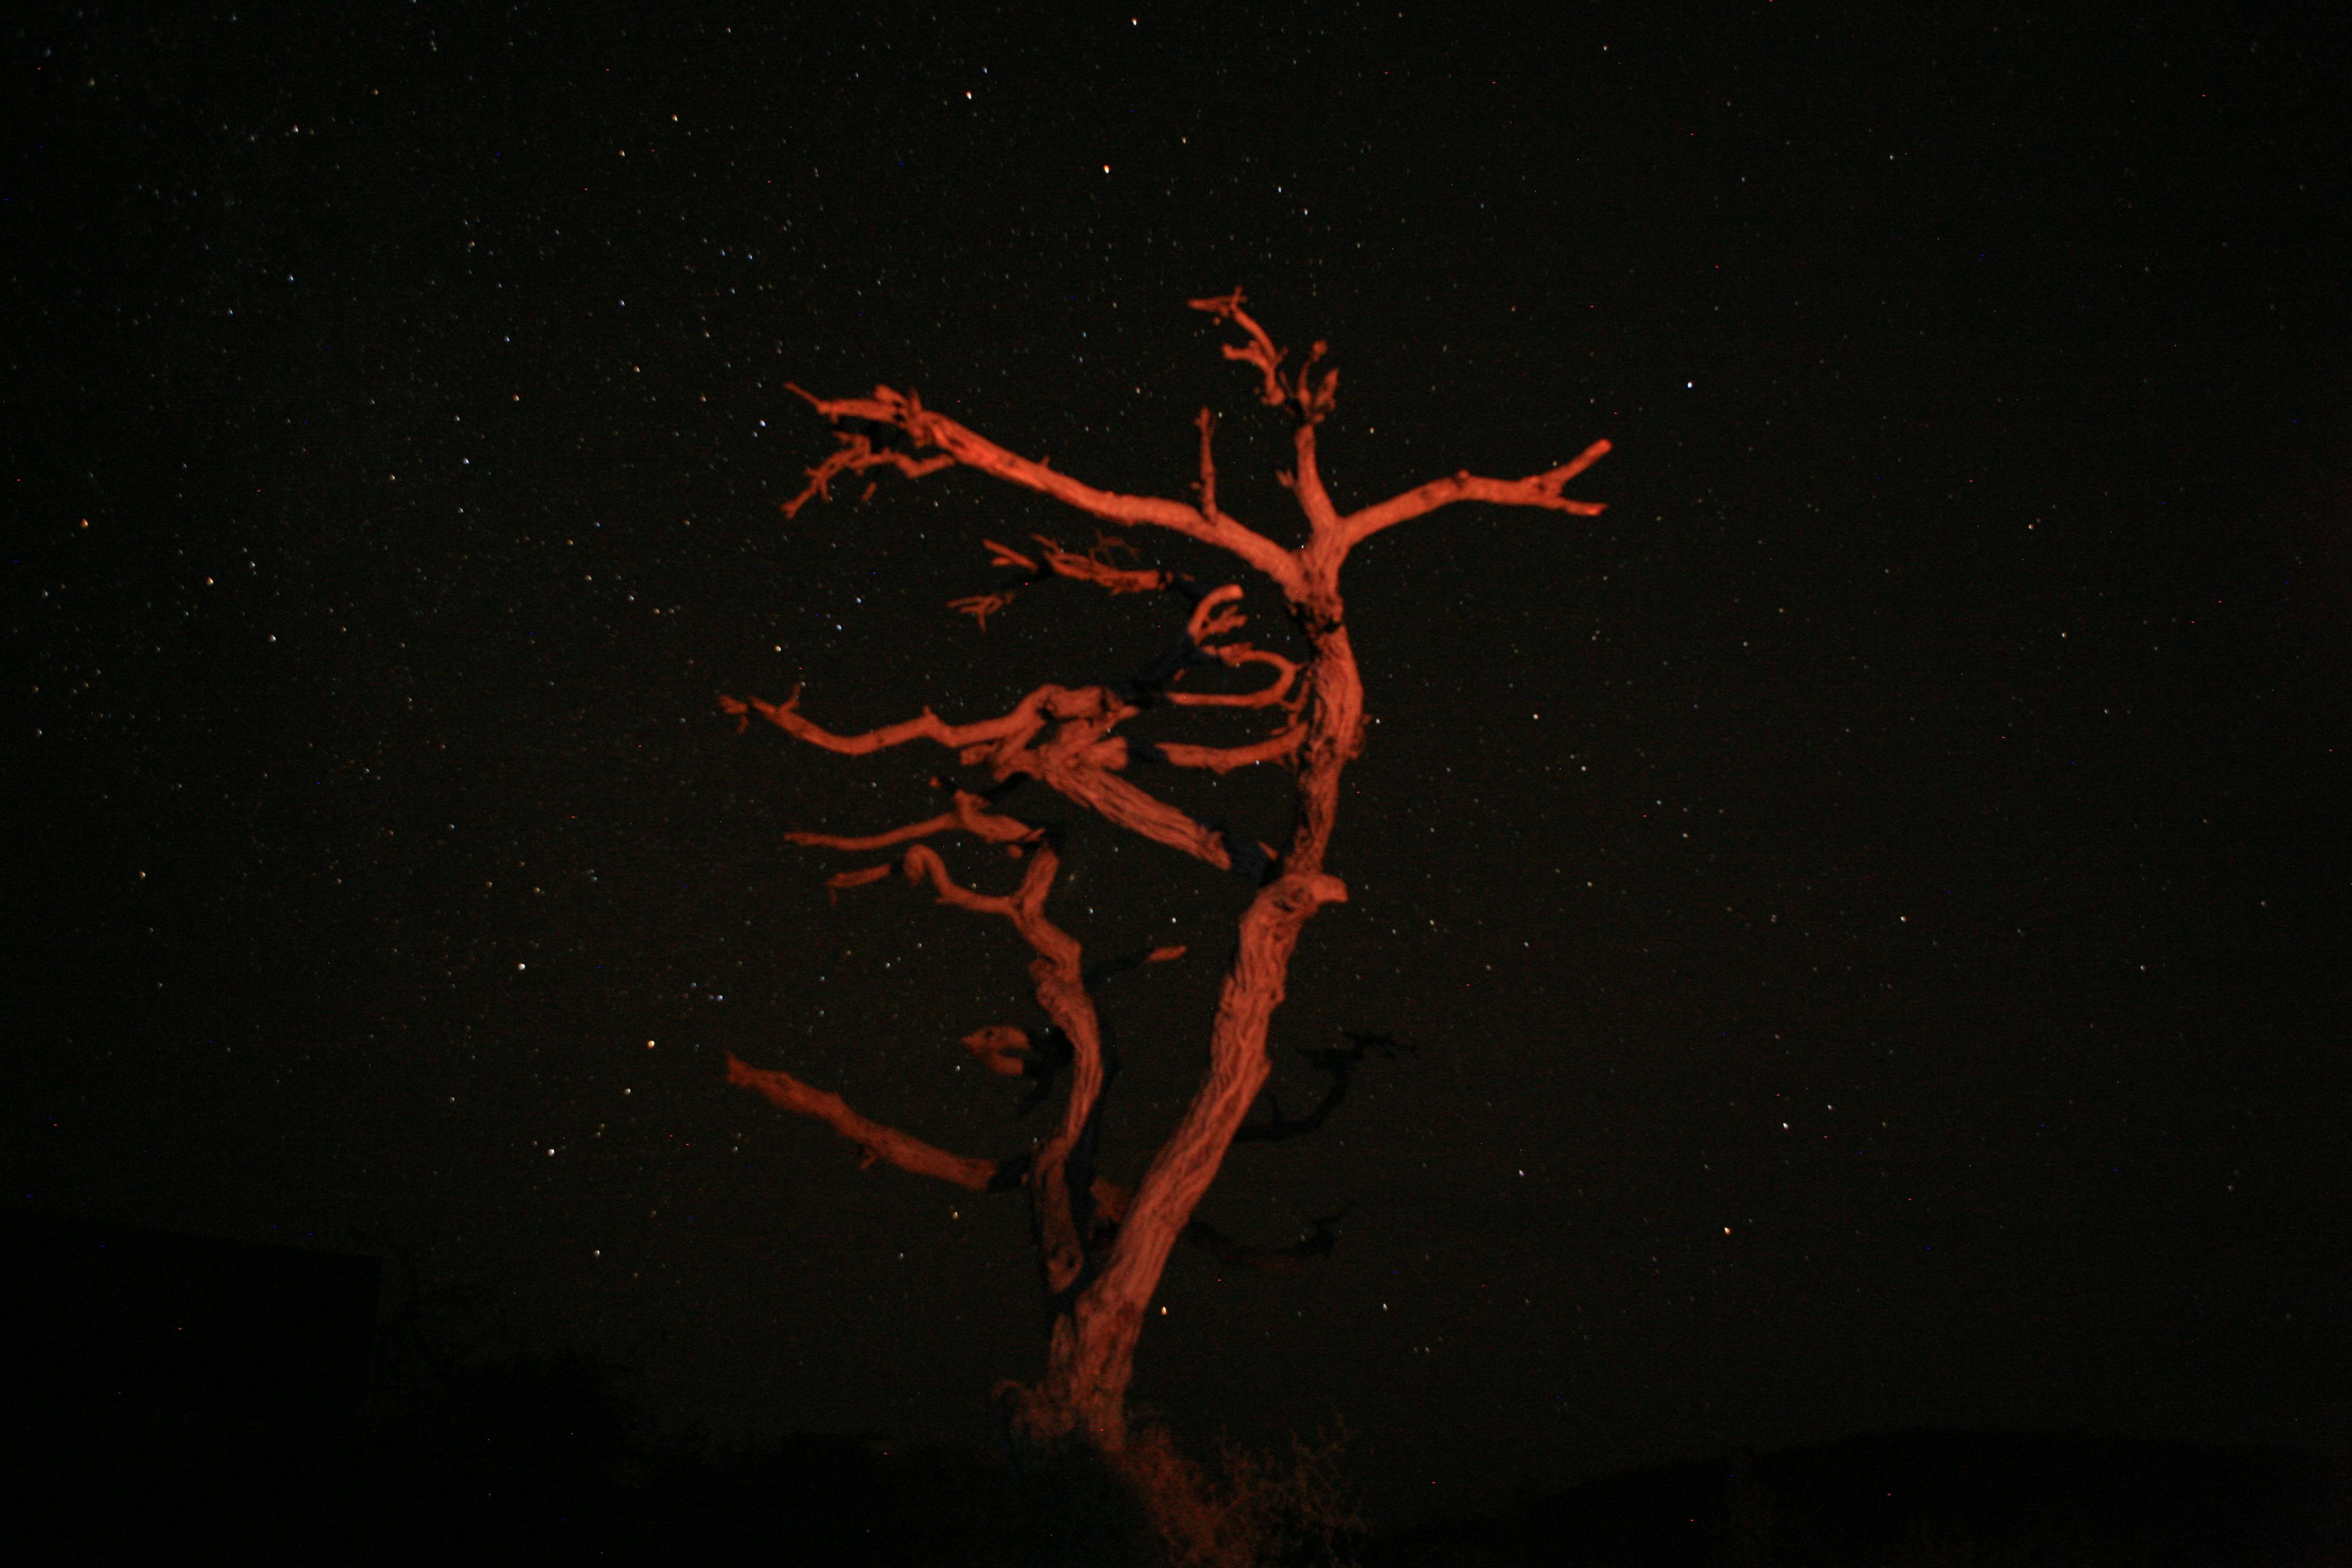 arbol iluminado por el fuego safari